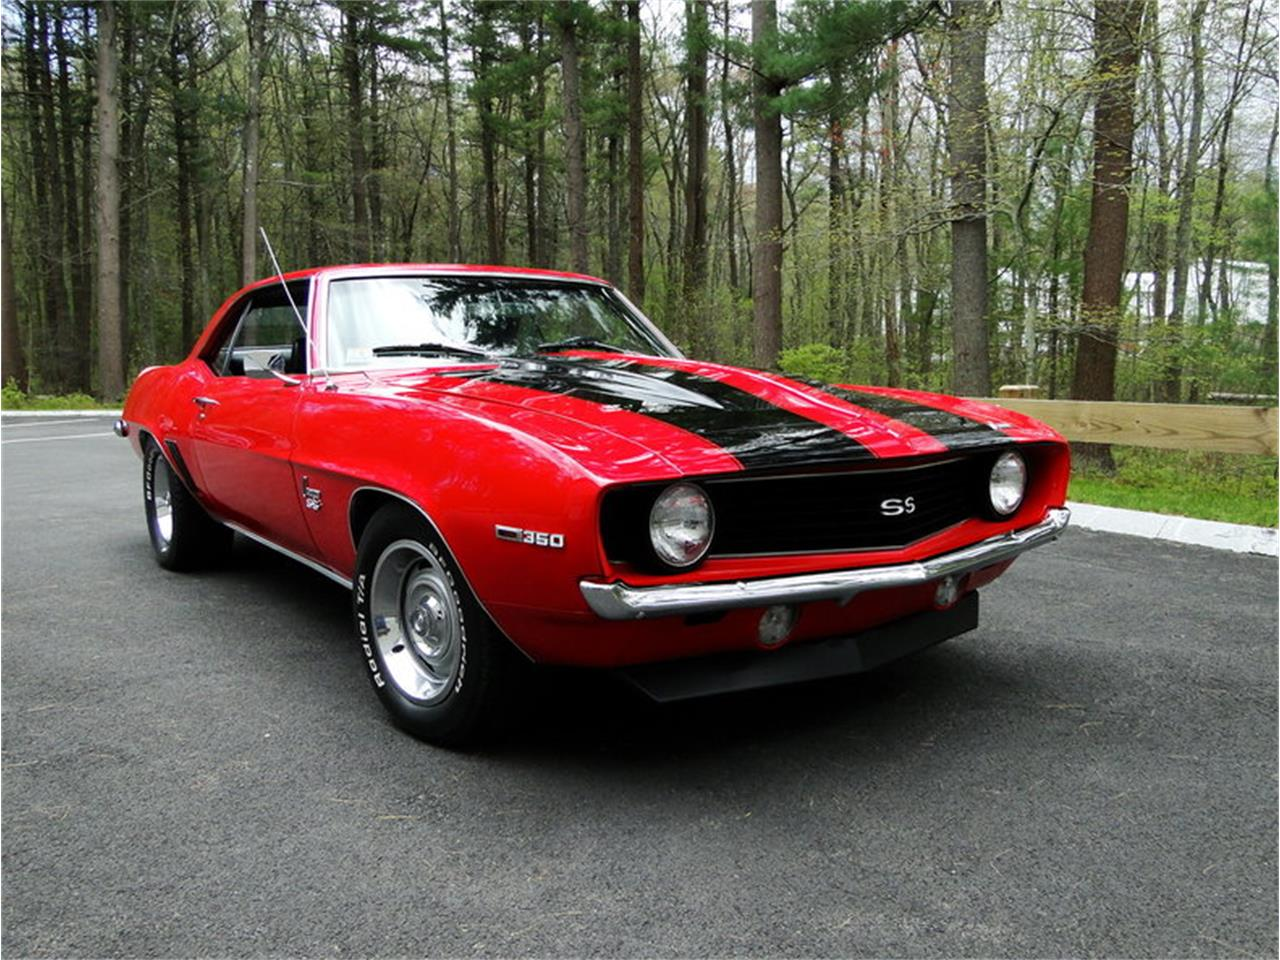 1969 Chevrolet Camaro Ss For Sale Classiccars Com Cc 984548